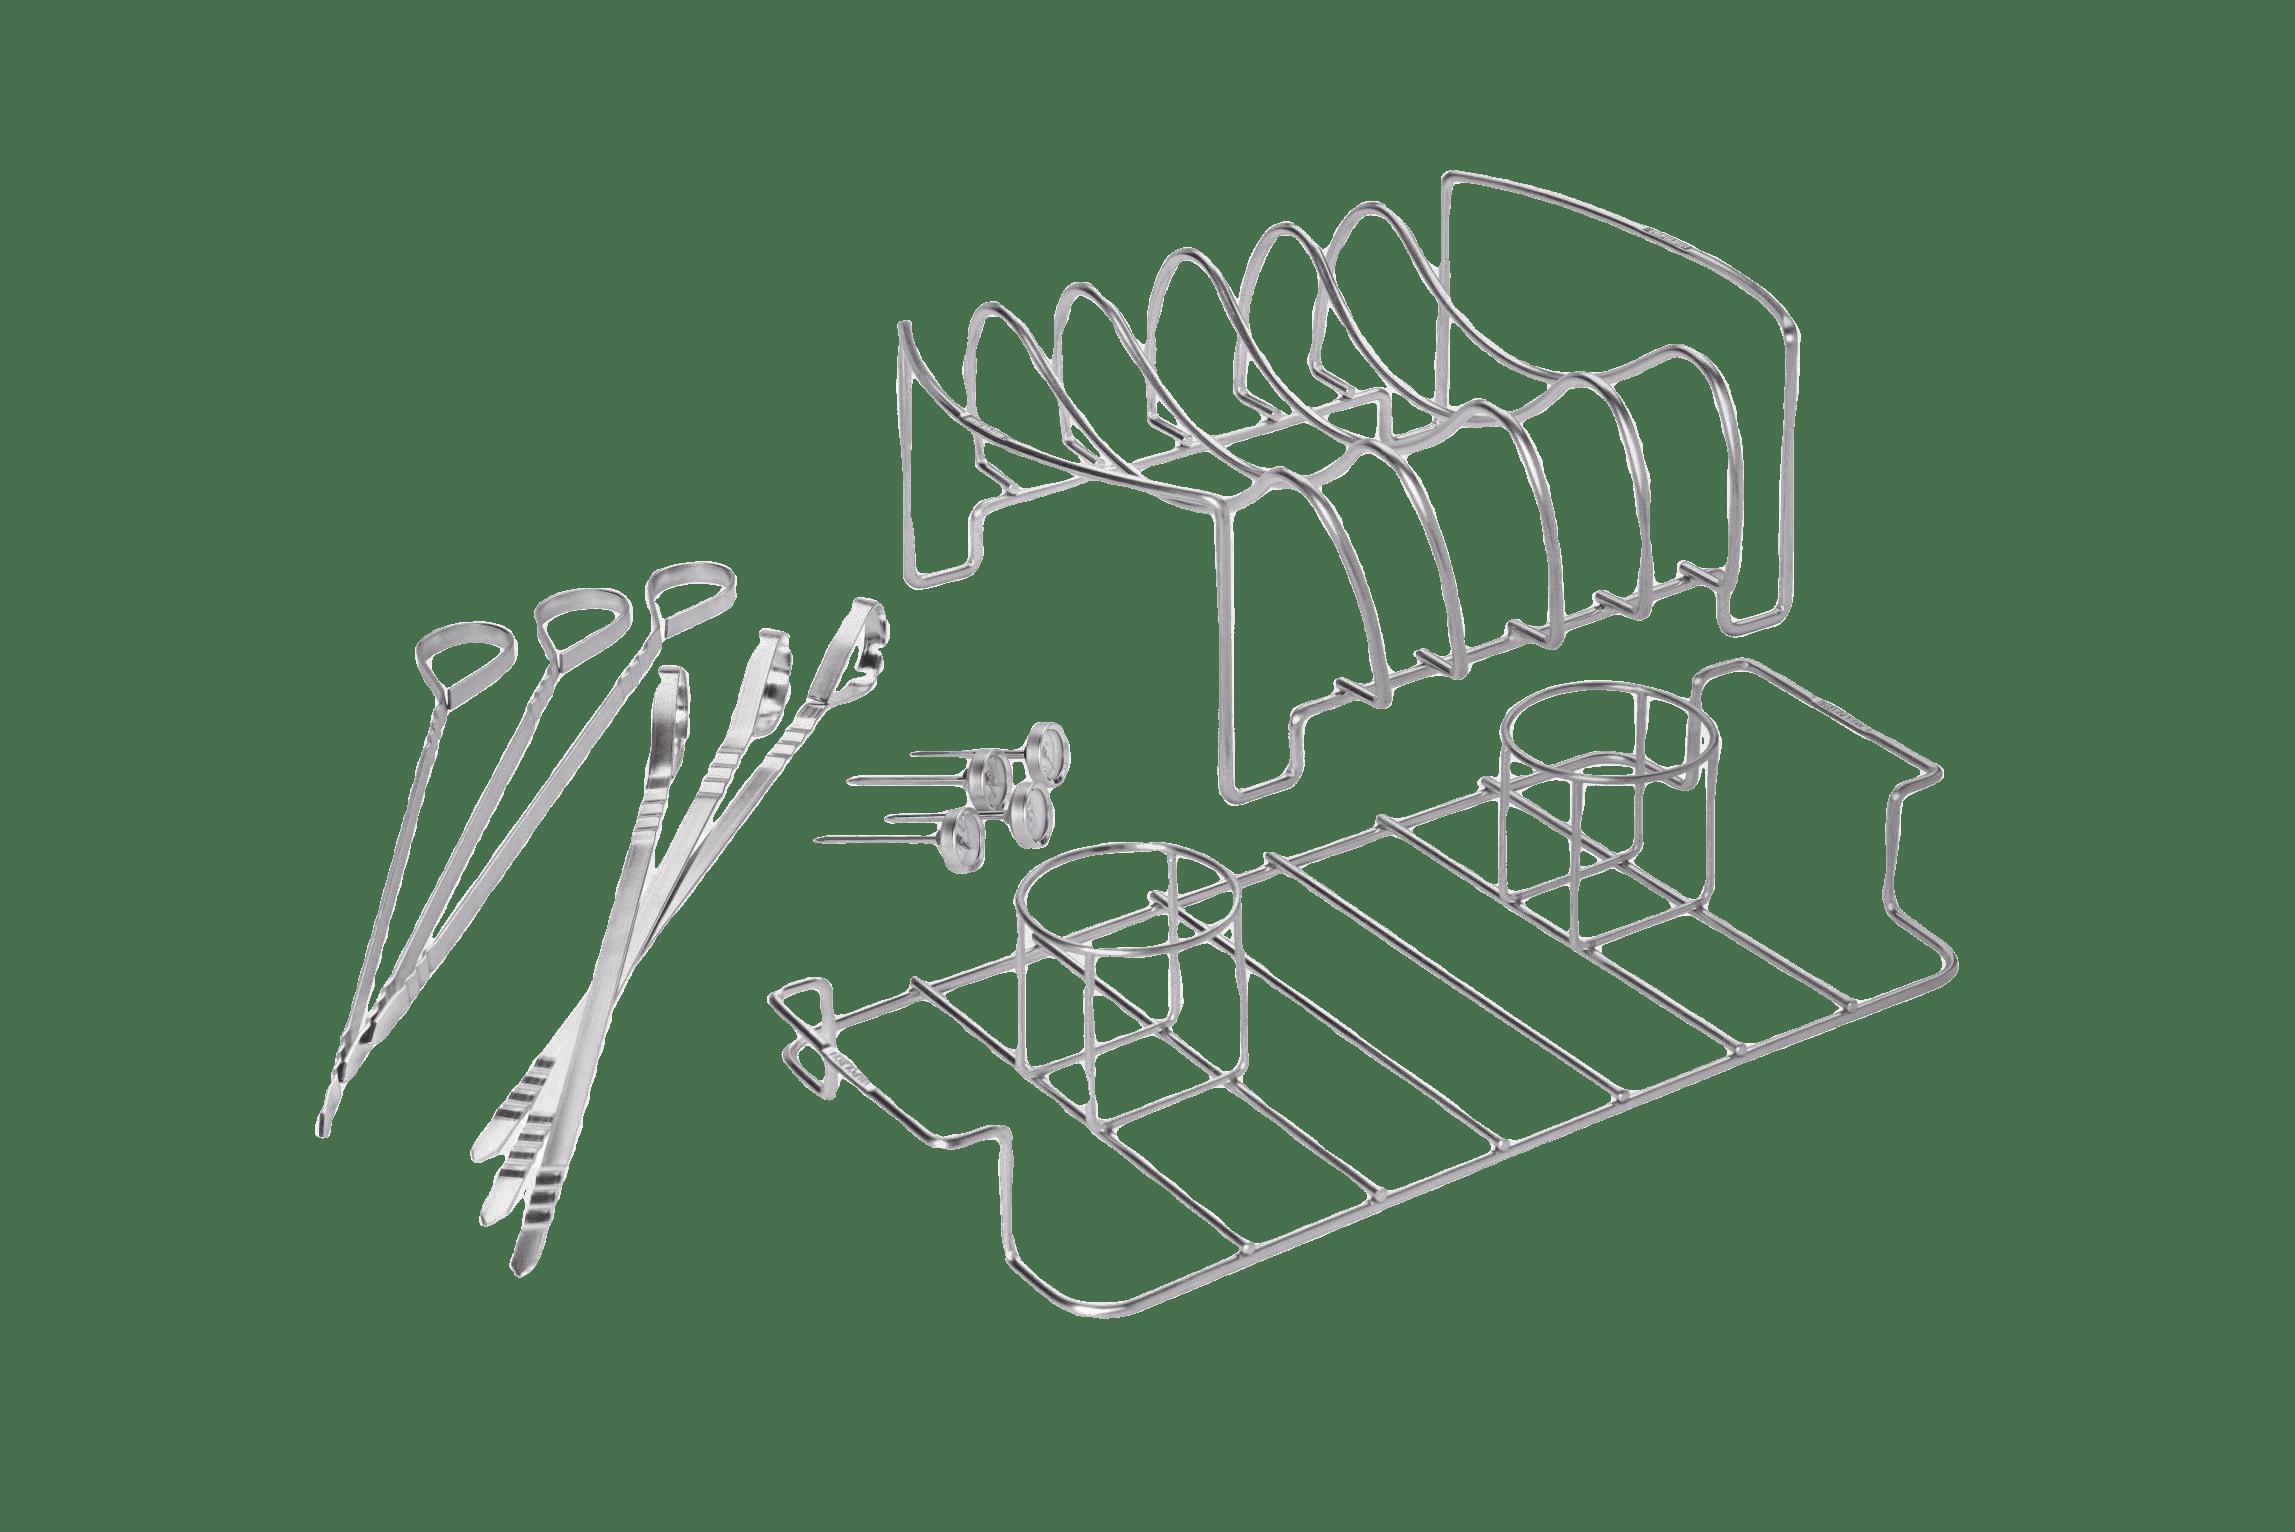 Starter kit for meat lovers